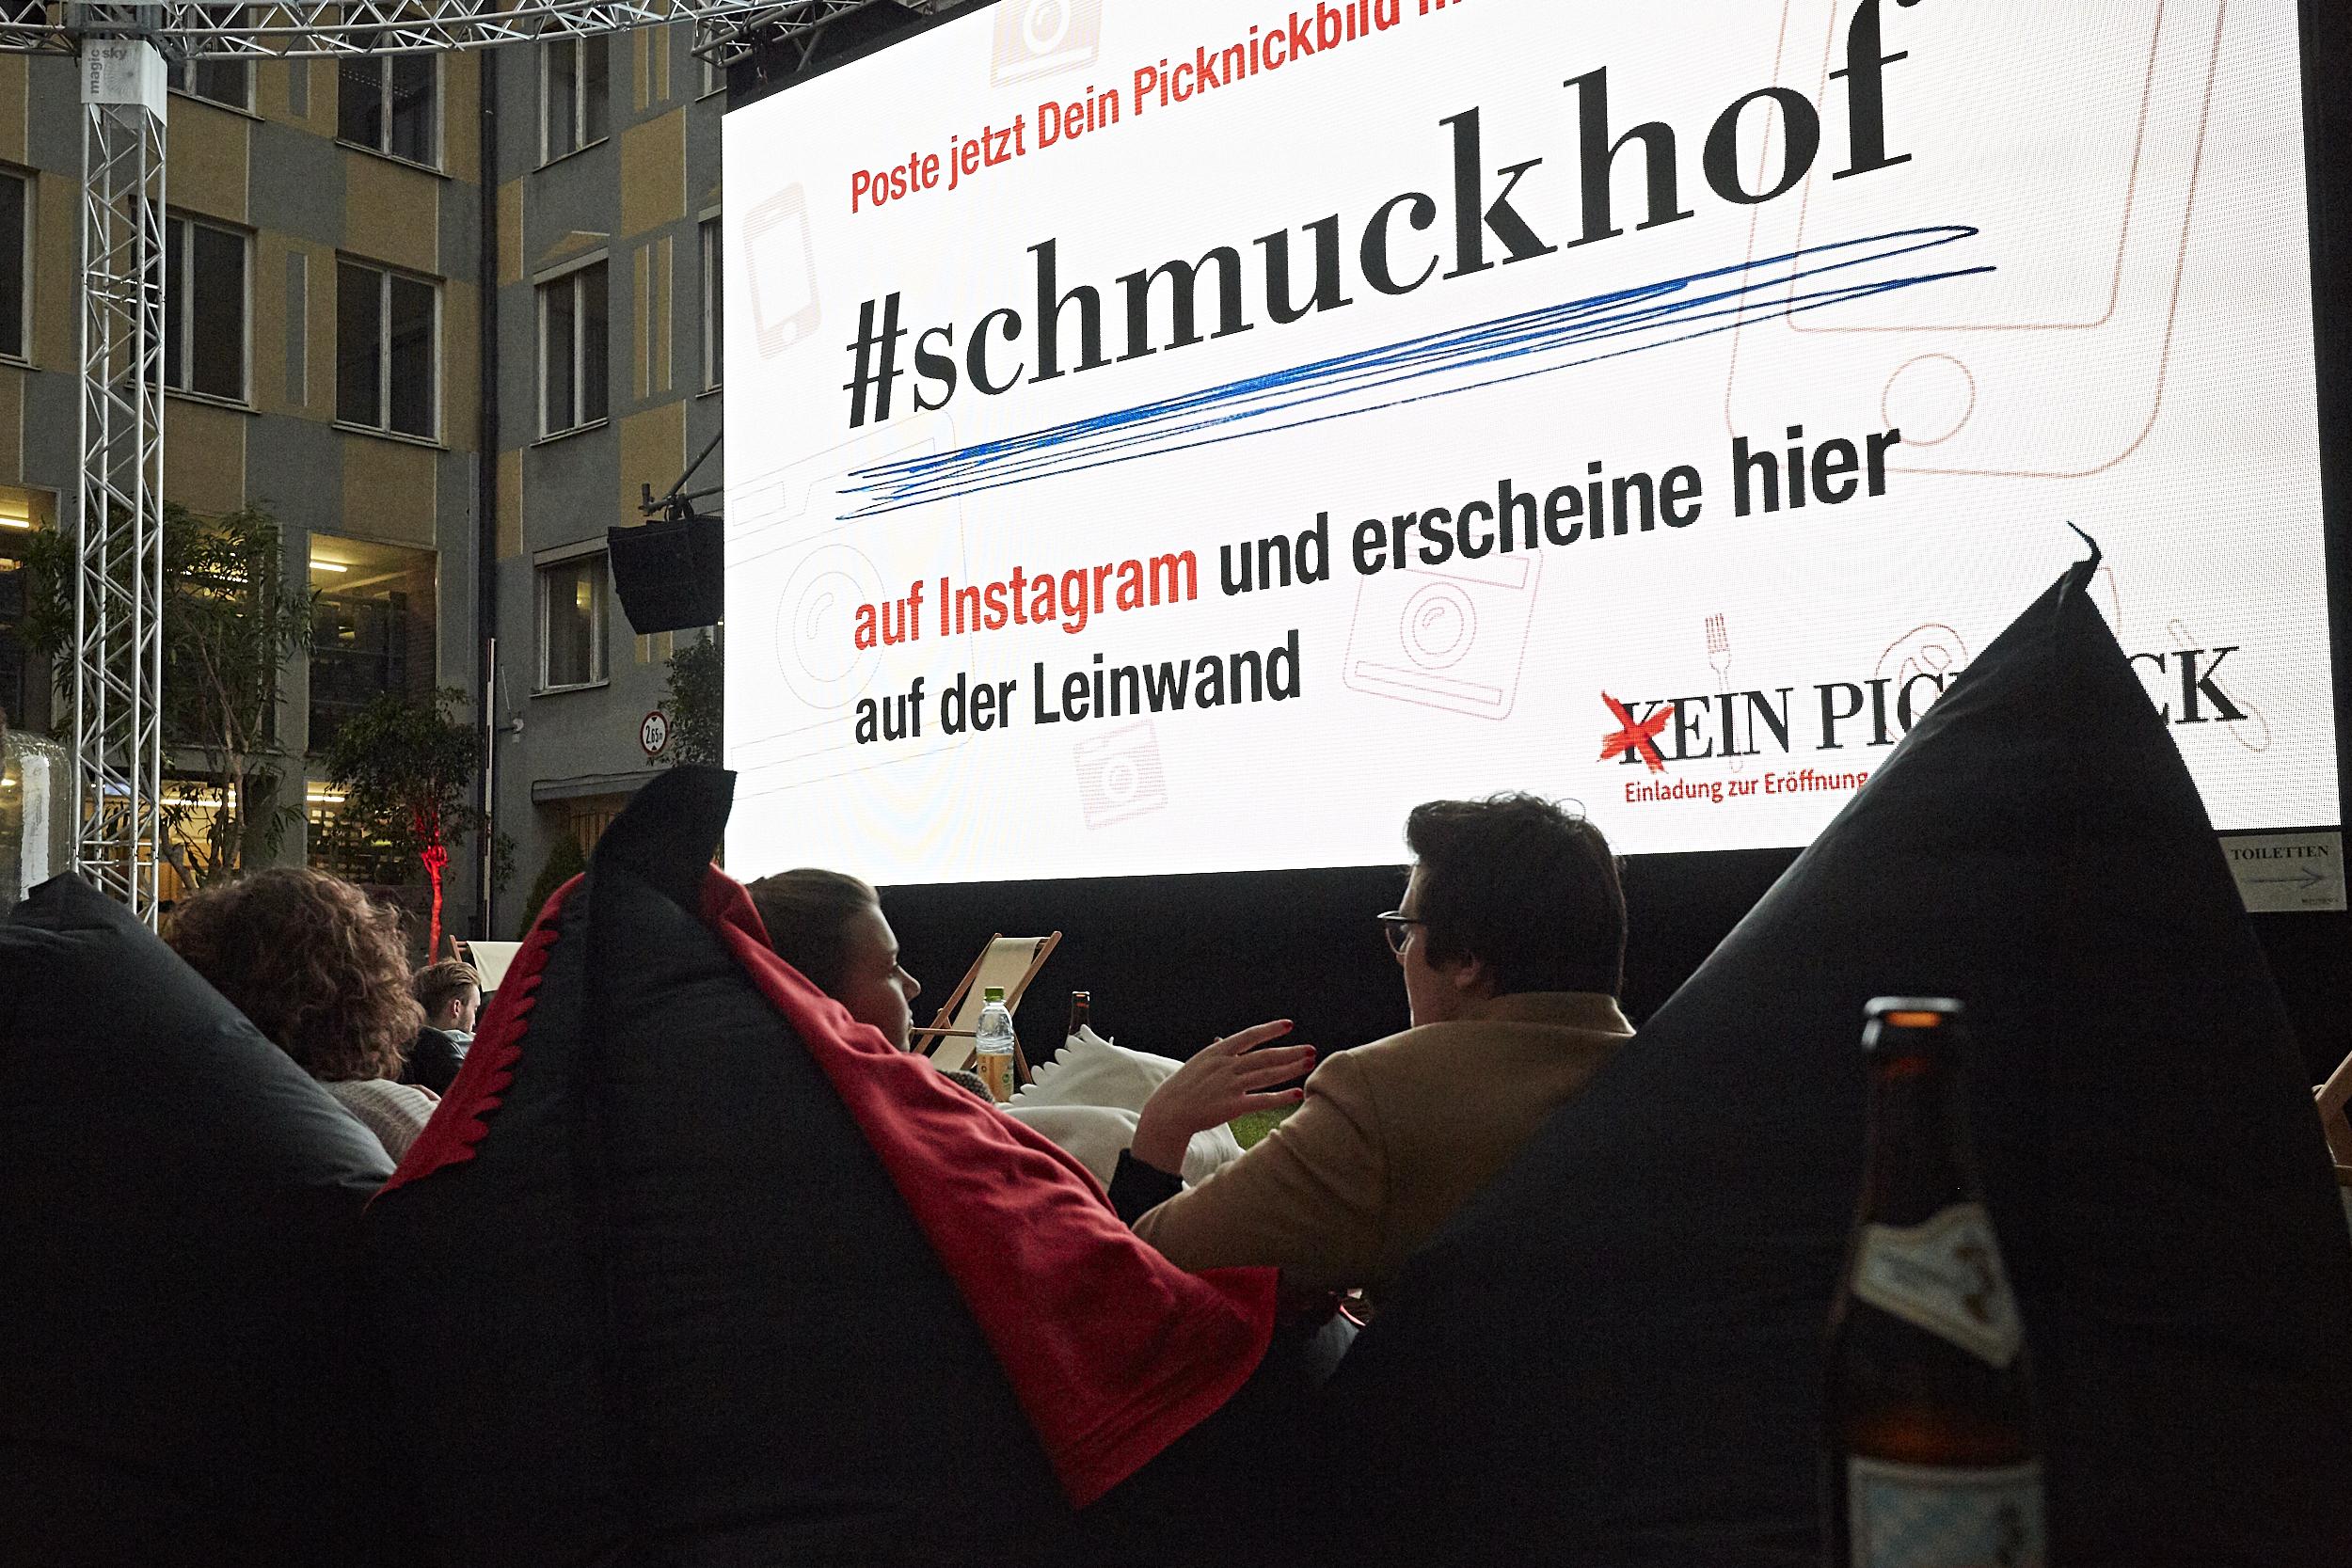 Schmuckhof_002.jpg